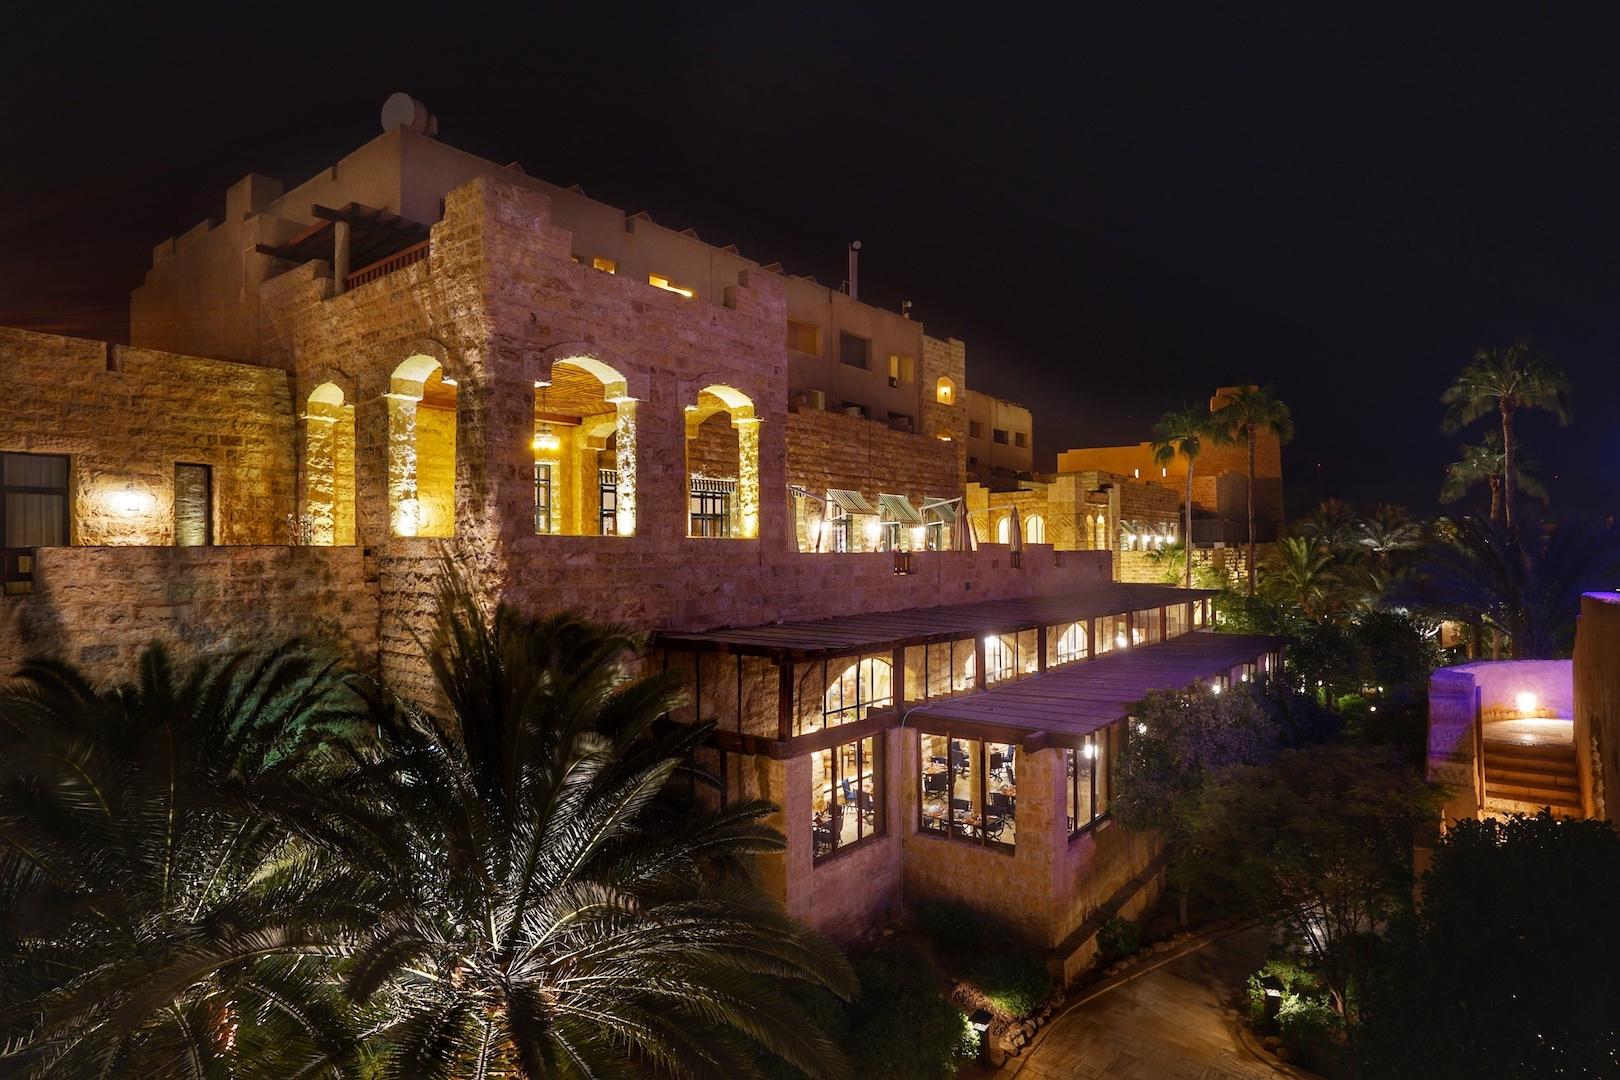 Der Blick bei Nacht von außen auf das Haupthaus des 5 Sterne Mövenpick ResortsDer Blick bei Nacht von außen auf das Haupthaus des 5 Sterne Mövenpick Resorts